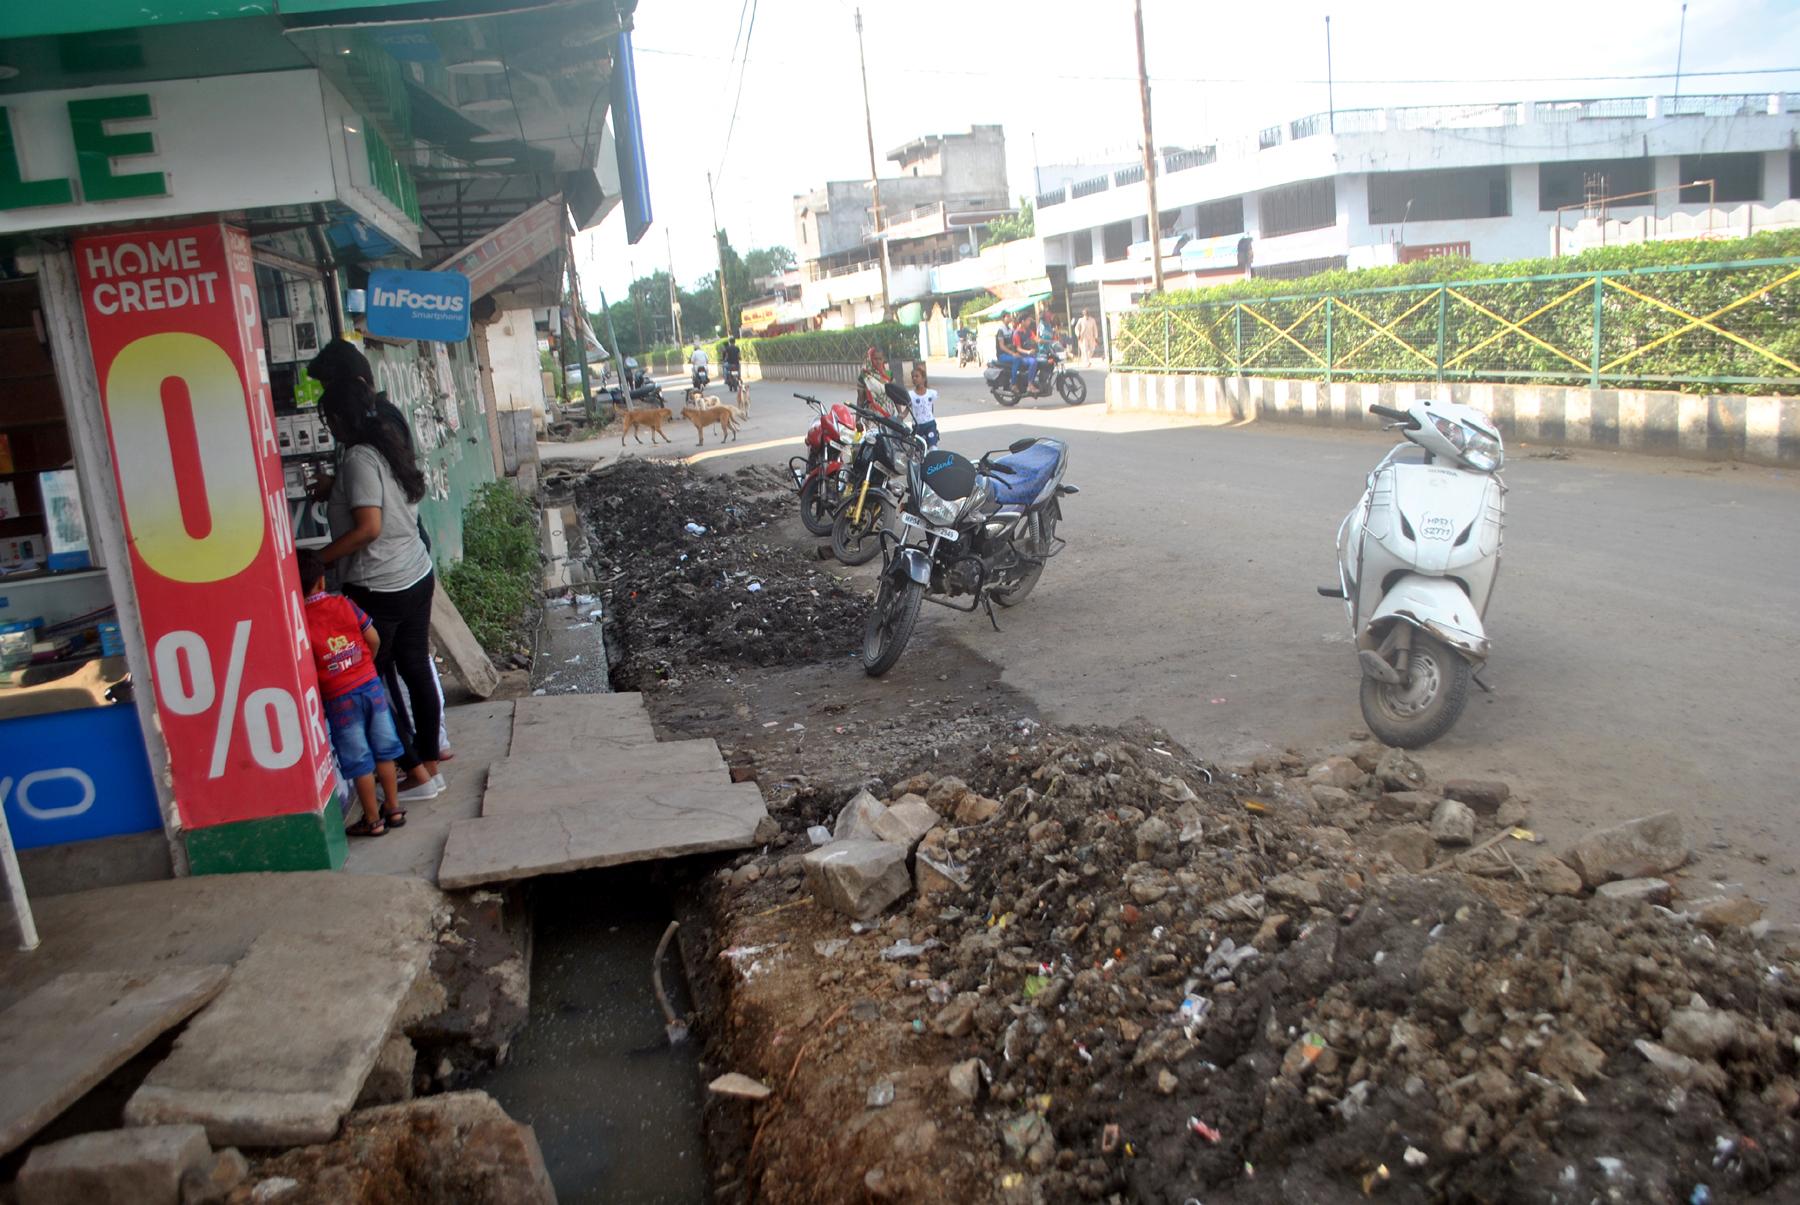 सफाई कर सड़क पर छोड़ा मलवा शिकायत के बाद भी नहीं हटाया